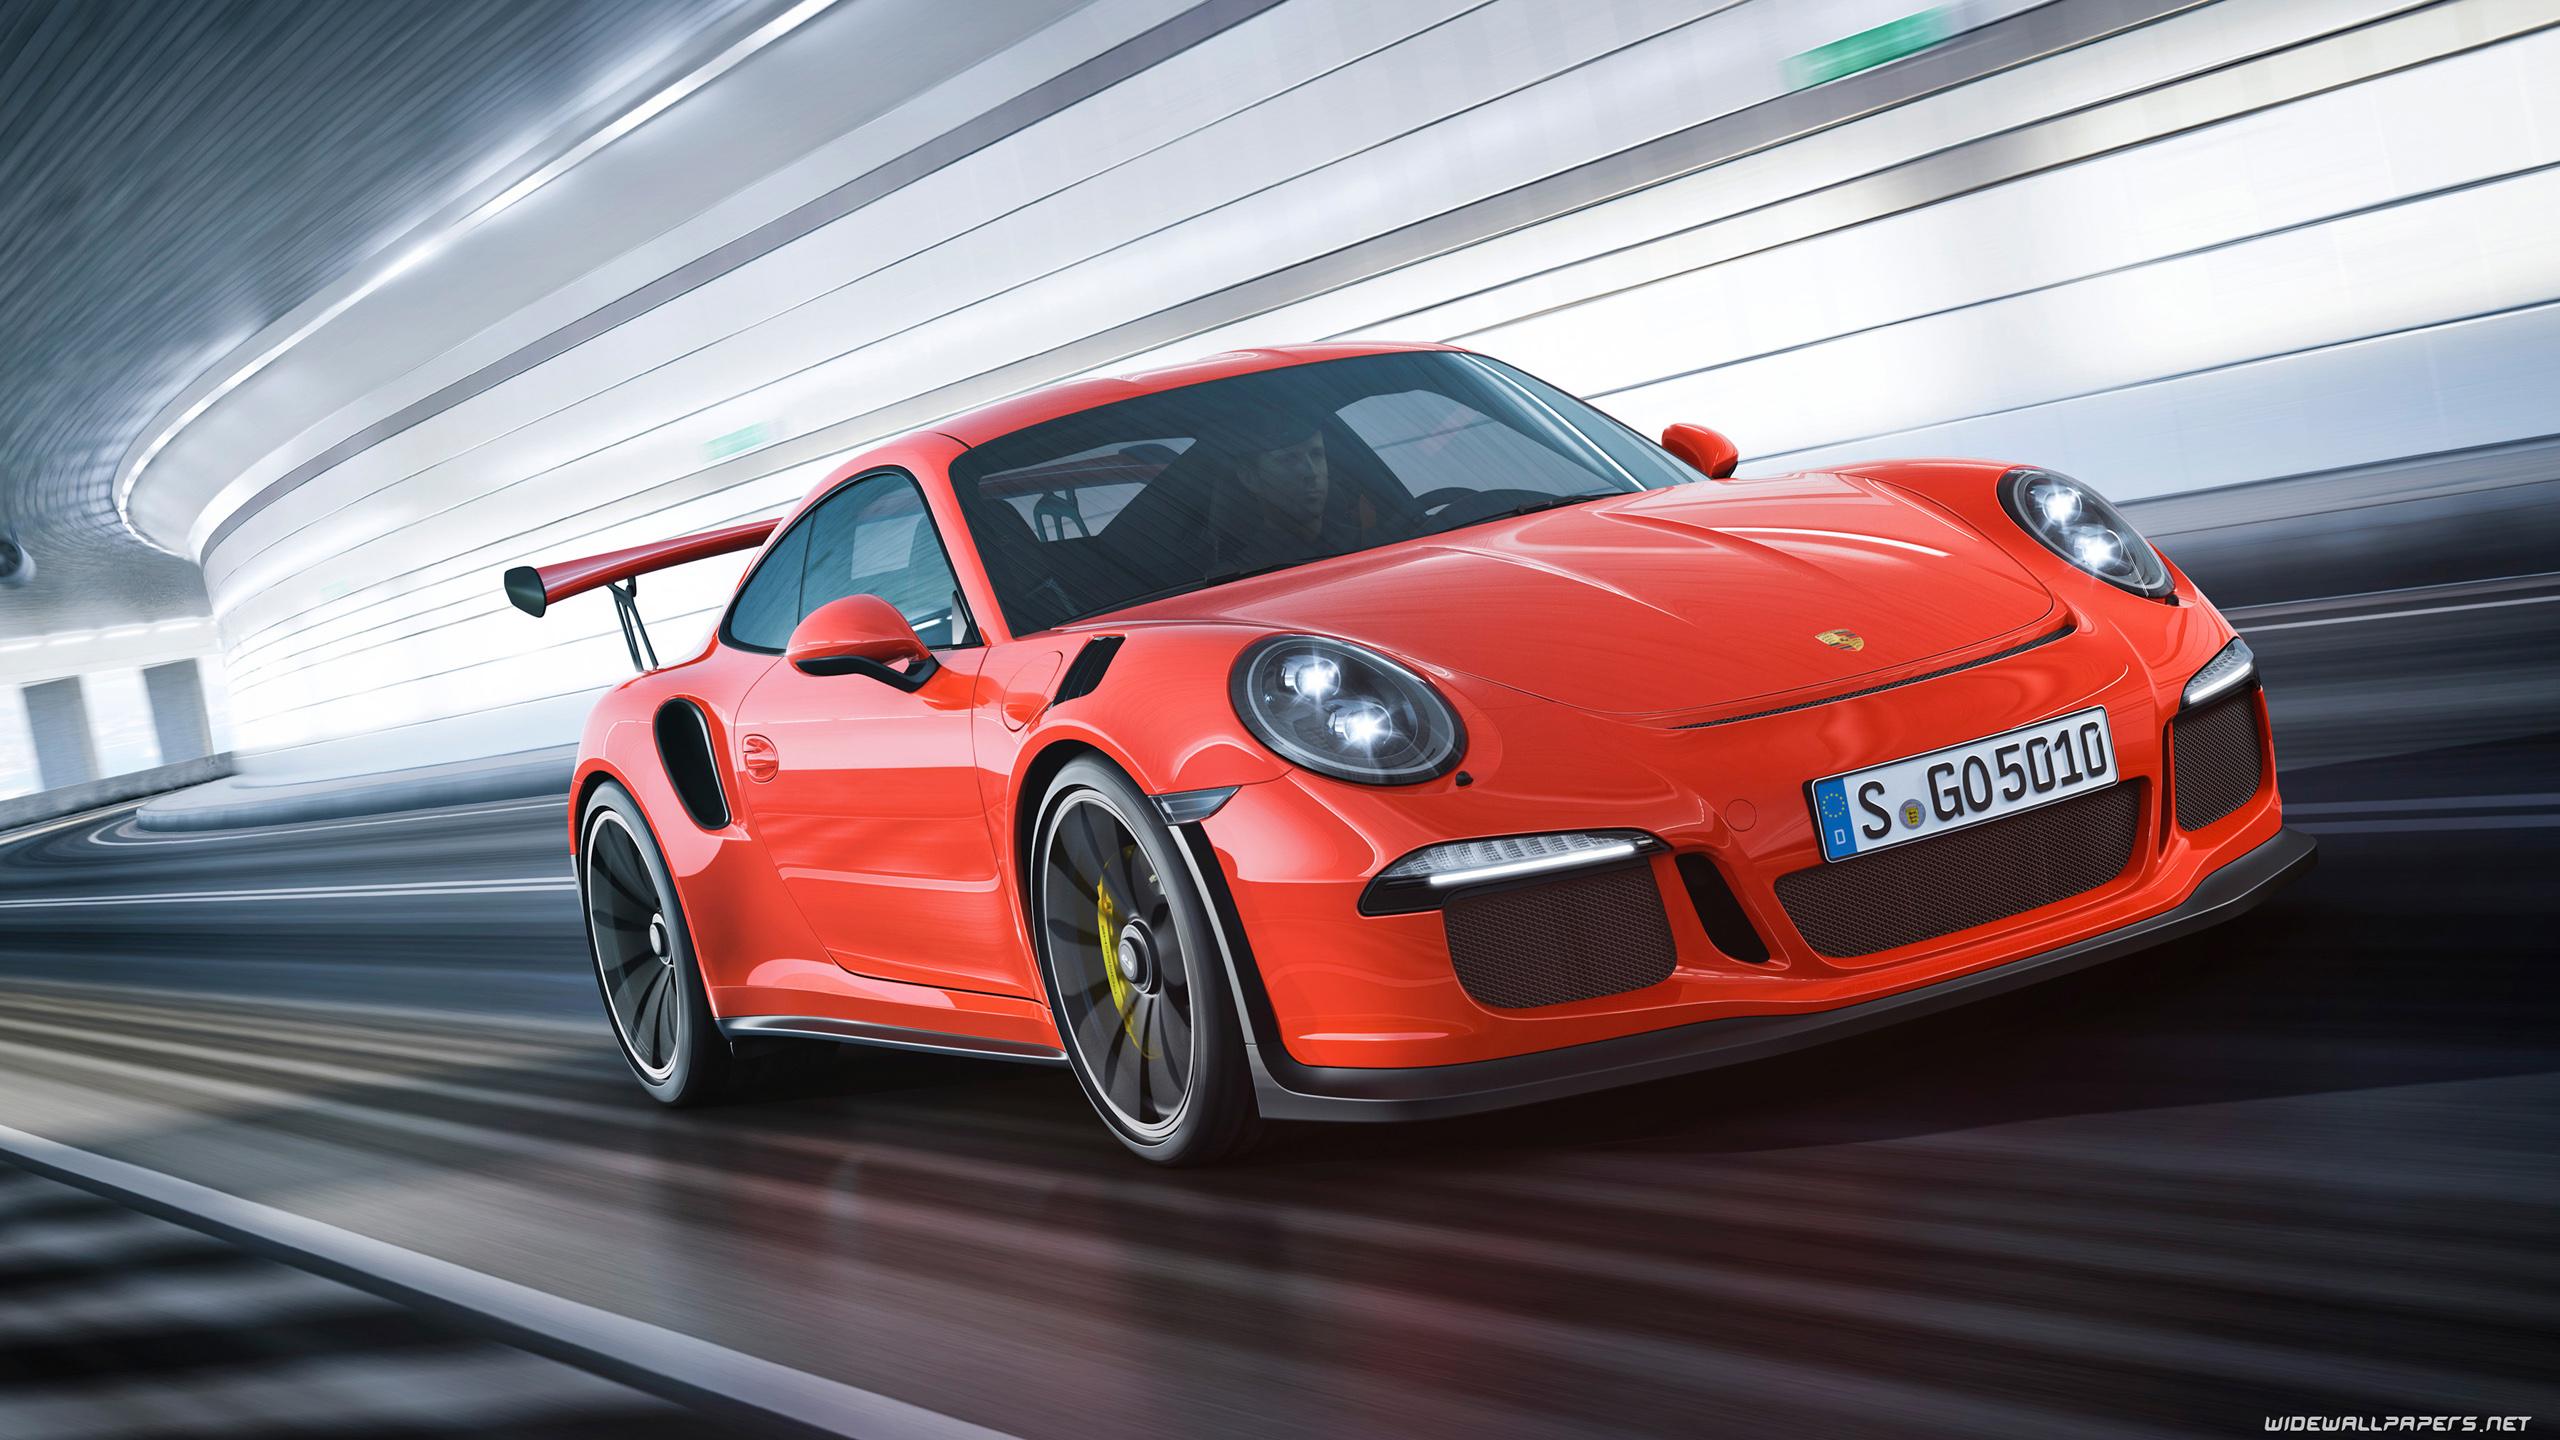 Porsche 911 cars desktop wallpapers 4K Ultra HD 2560x1440